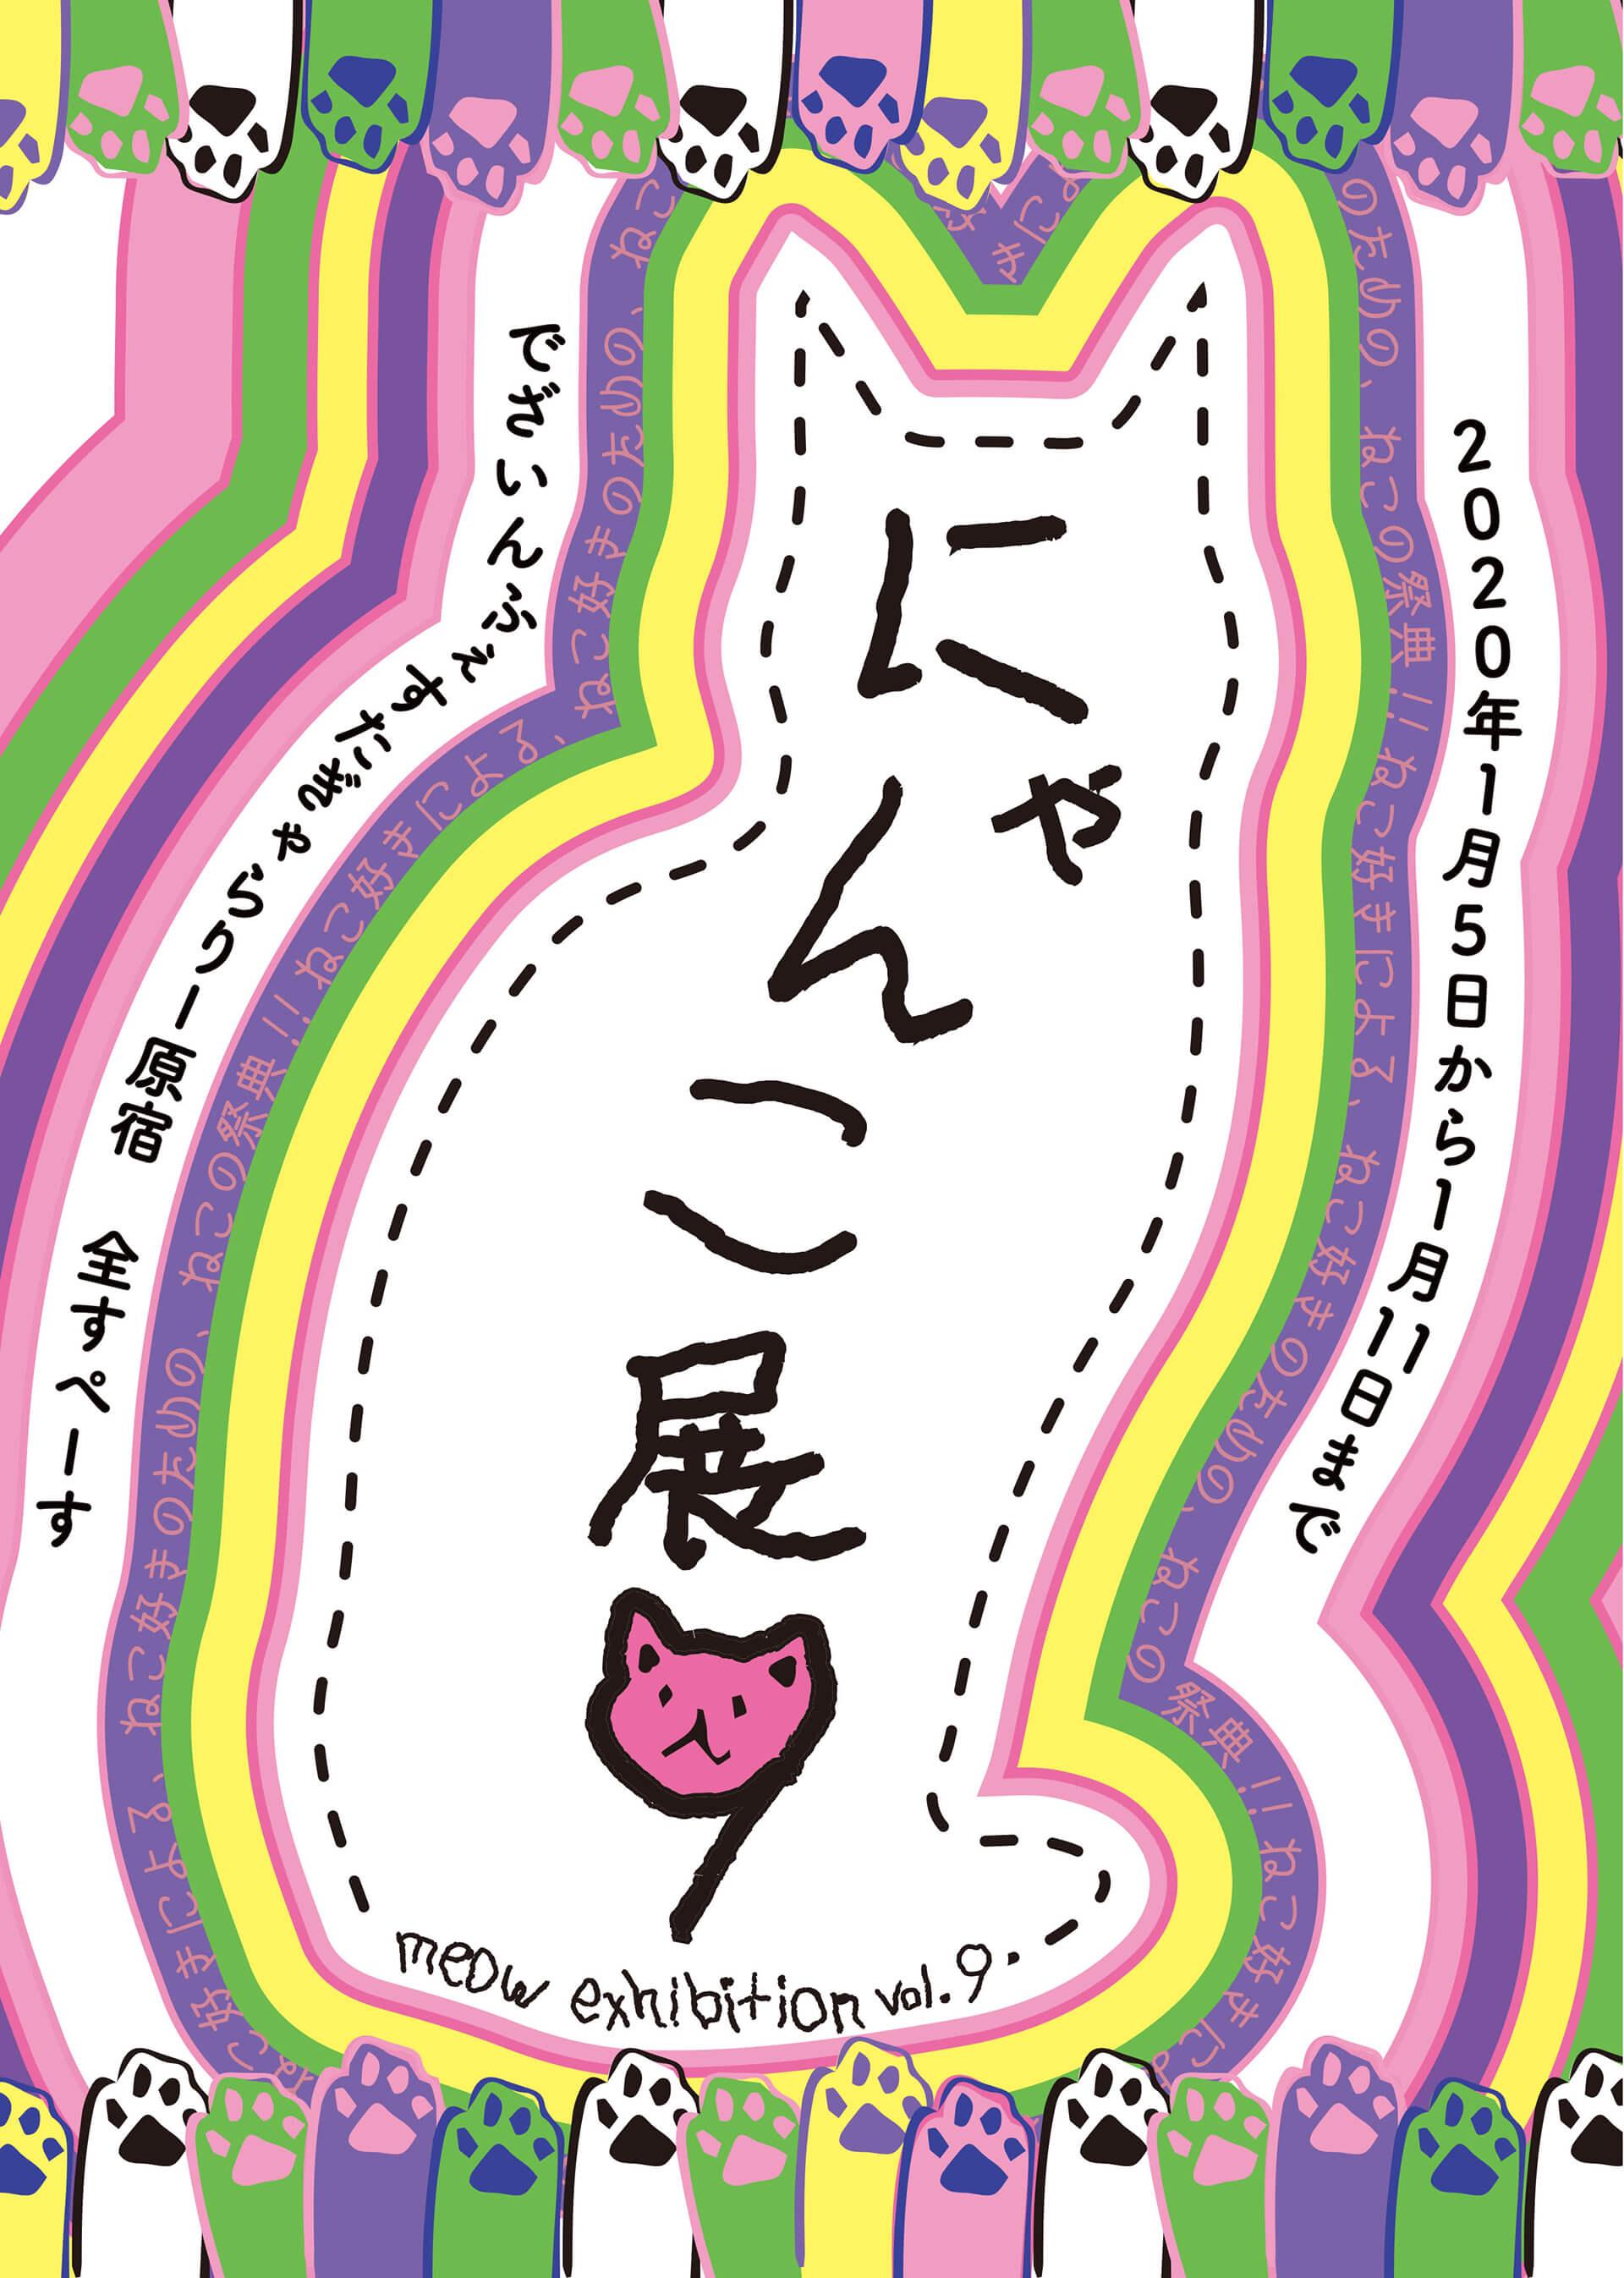 にゃんこ展9バナー